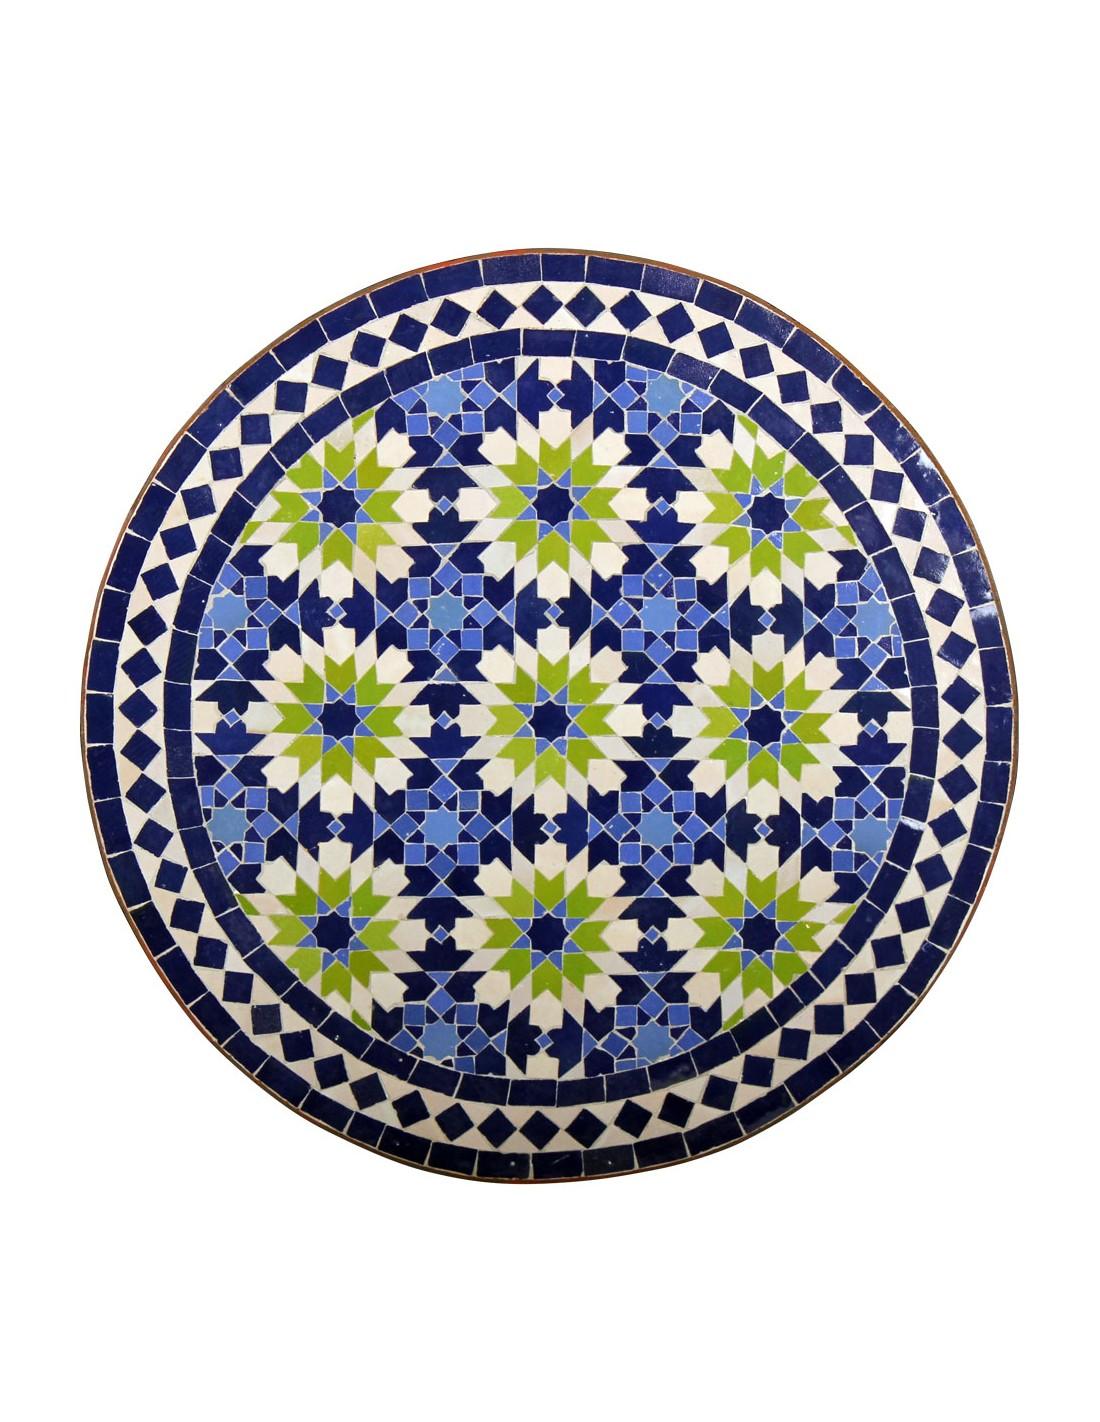 Mosaiktisch iras 60cm rund bei albena marokko galerie for Marokkanischer mosaiktisch